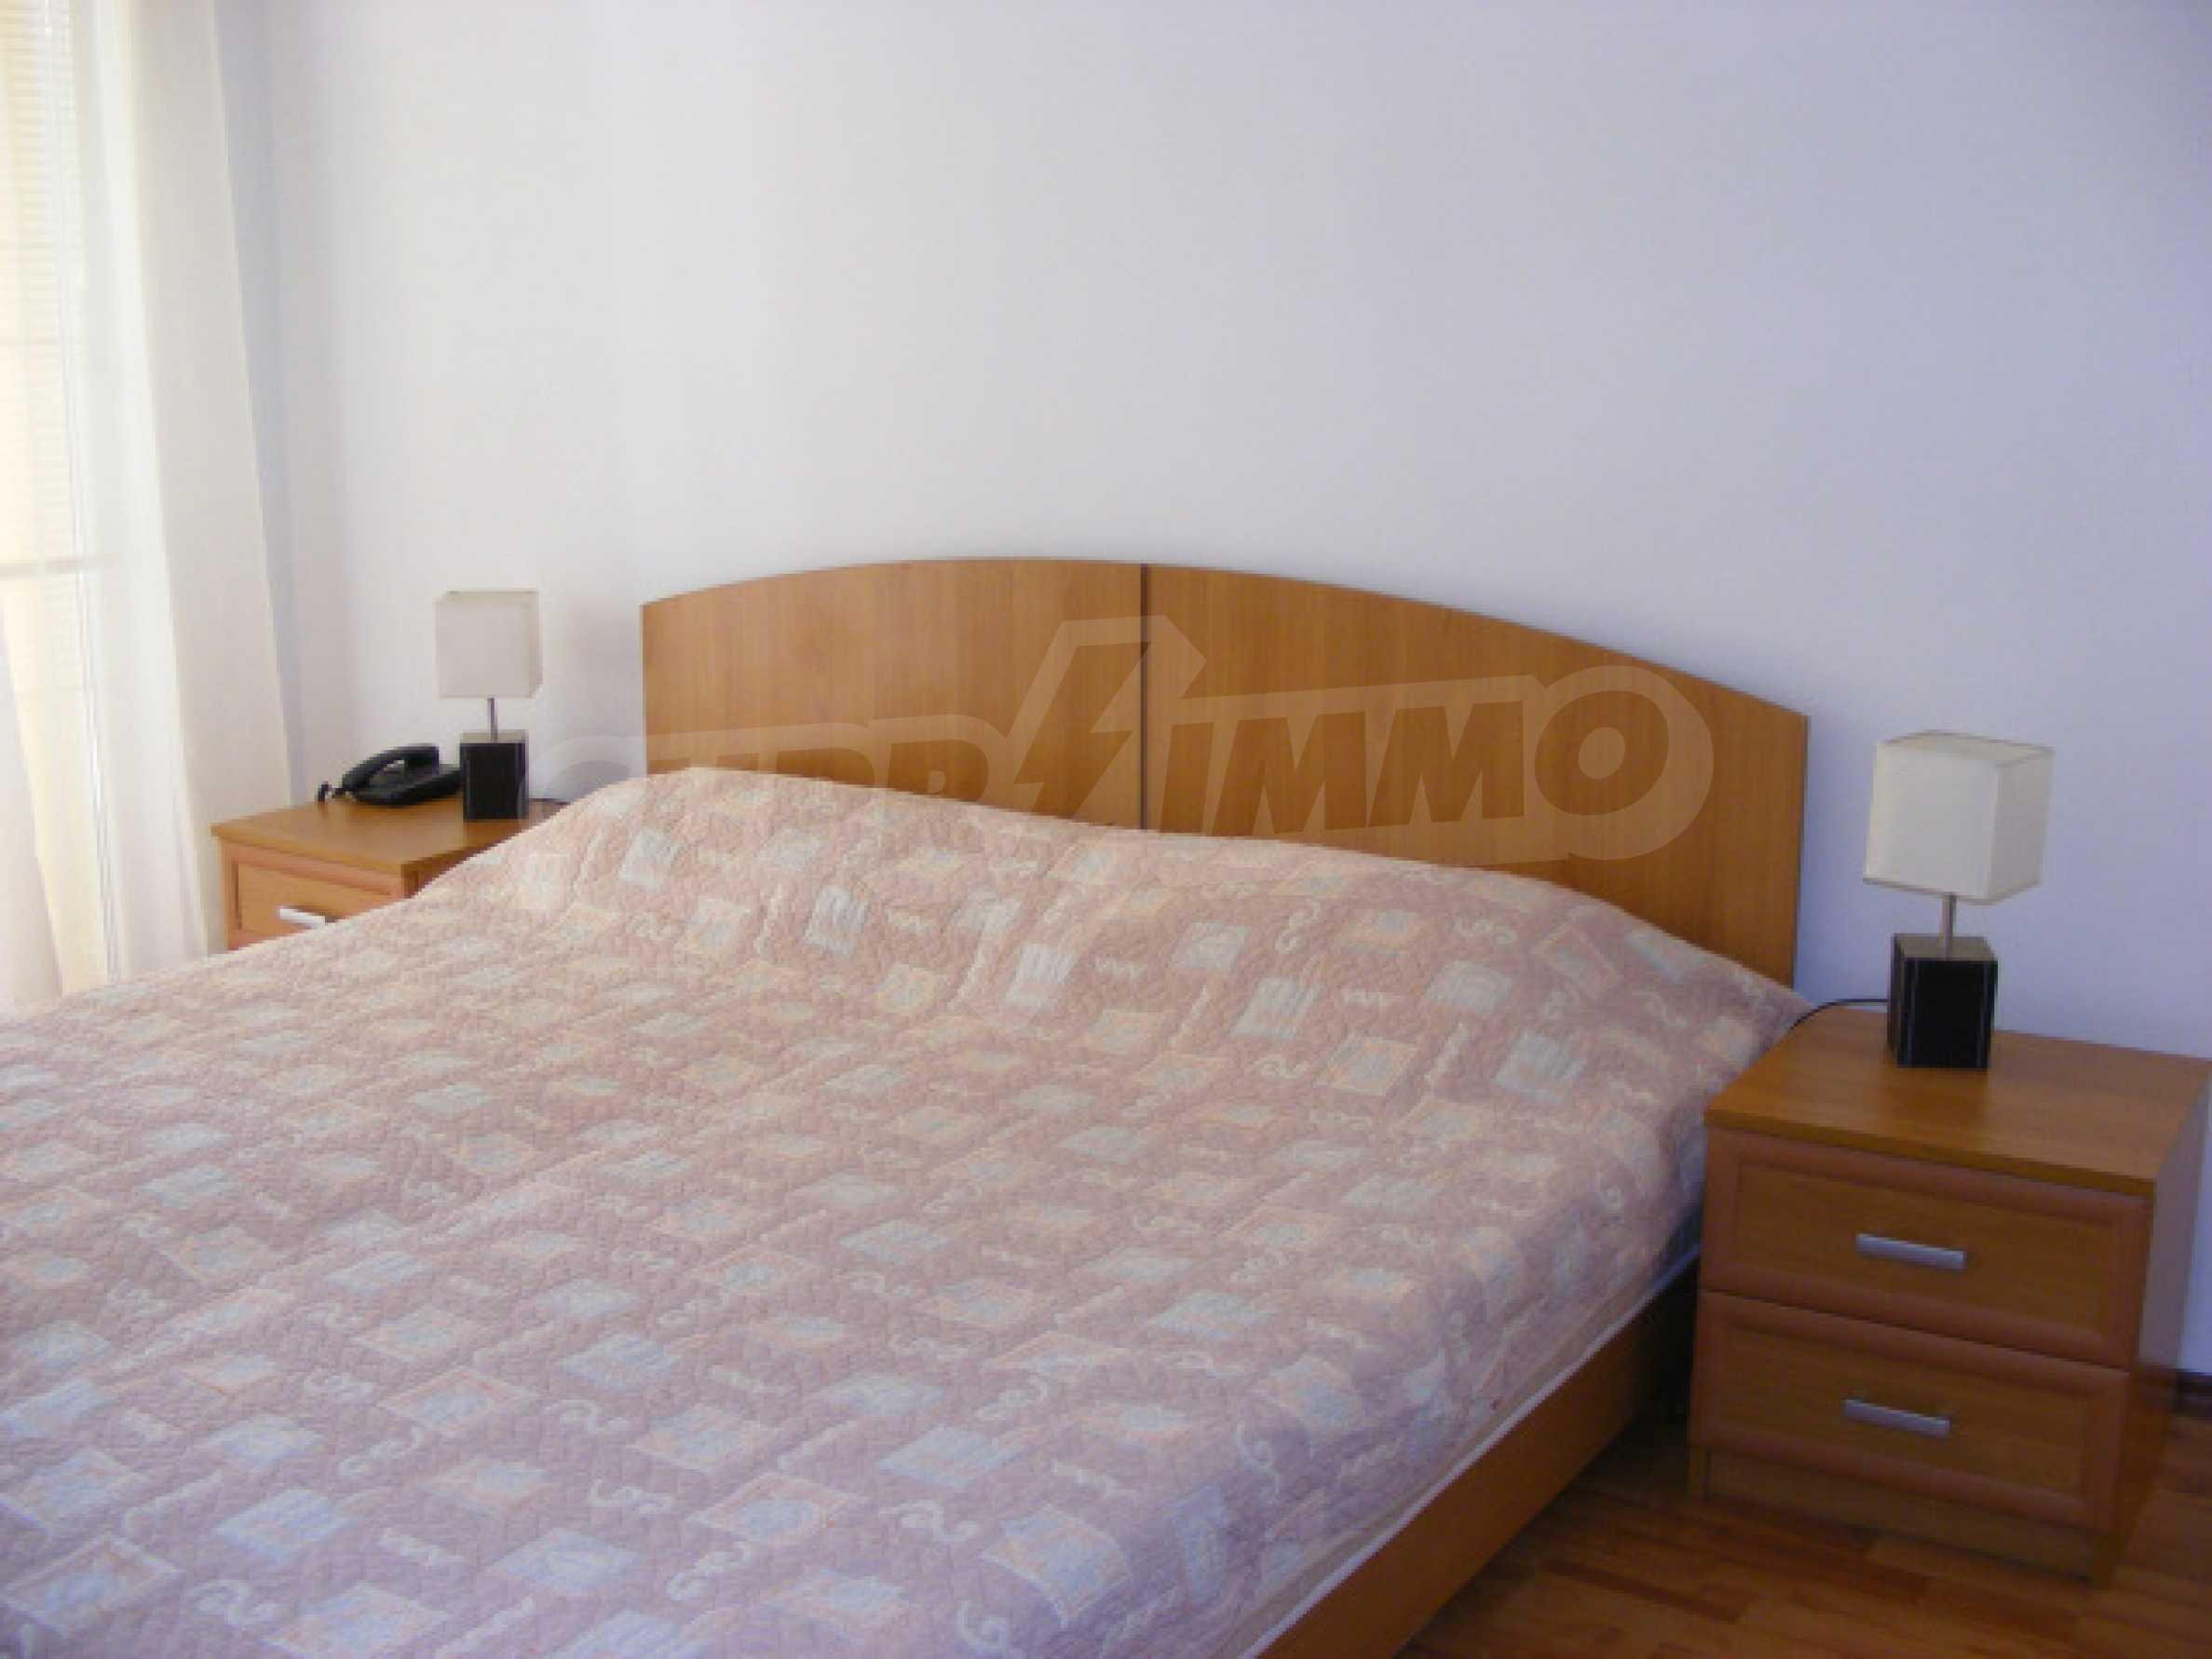 Напълно обзаведен двустаен апартамент в кк. Златни пясъци, с Морска панорама 12